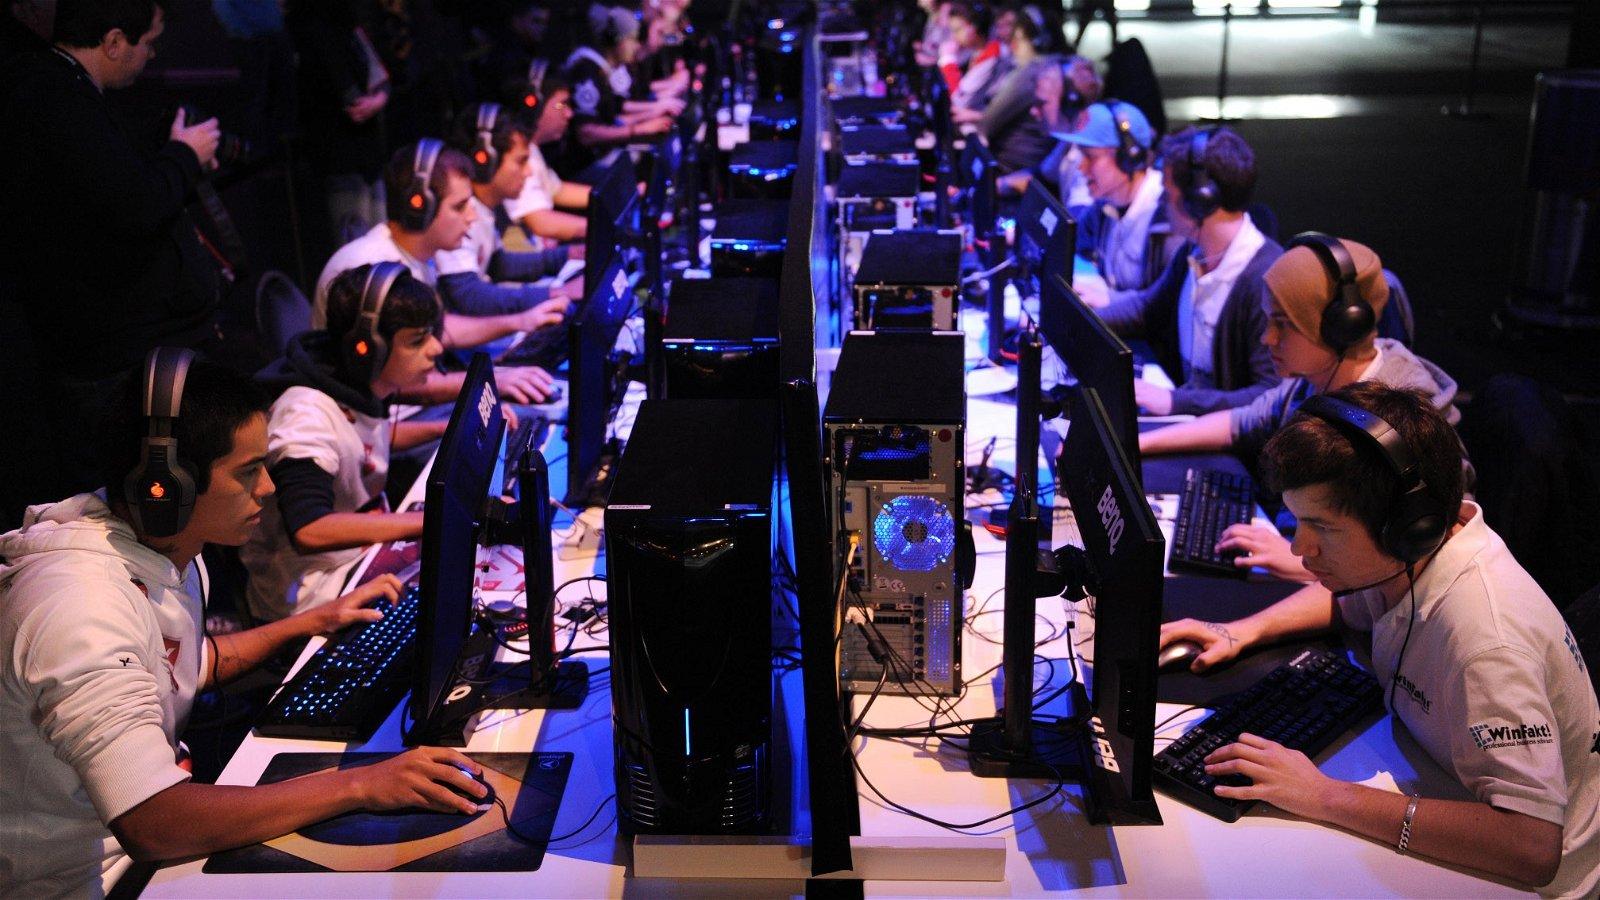 Los 12 tipos de jugadores que se ven en los torneos